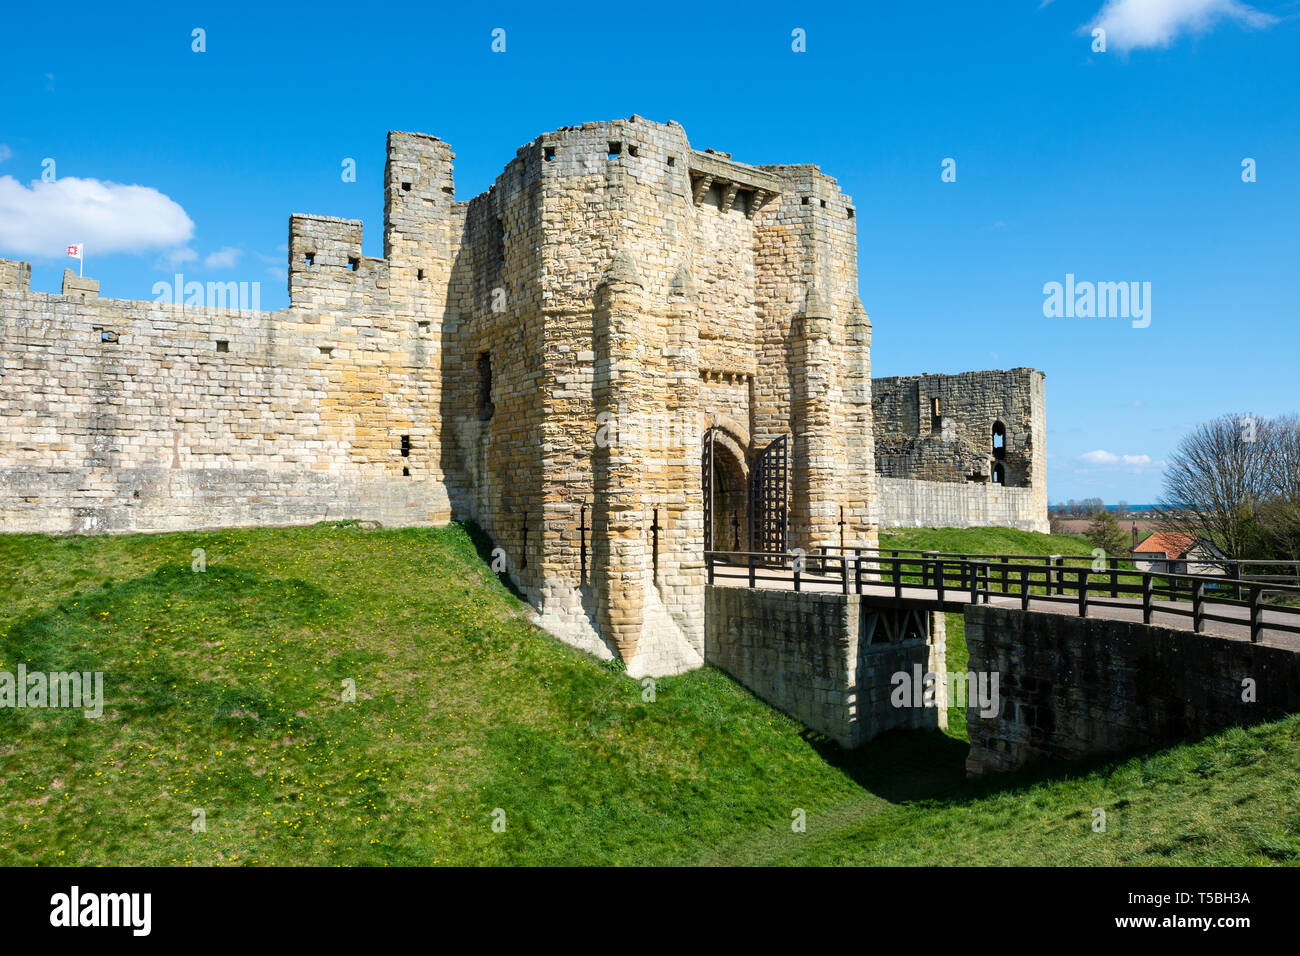 Entrance Gatehouse at Warkworth Castle, Warkworth, Northumberland, England, UK Stock Photo